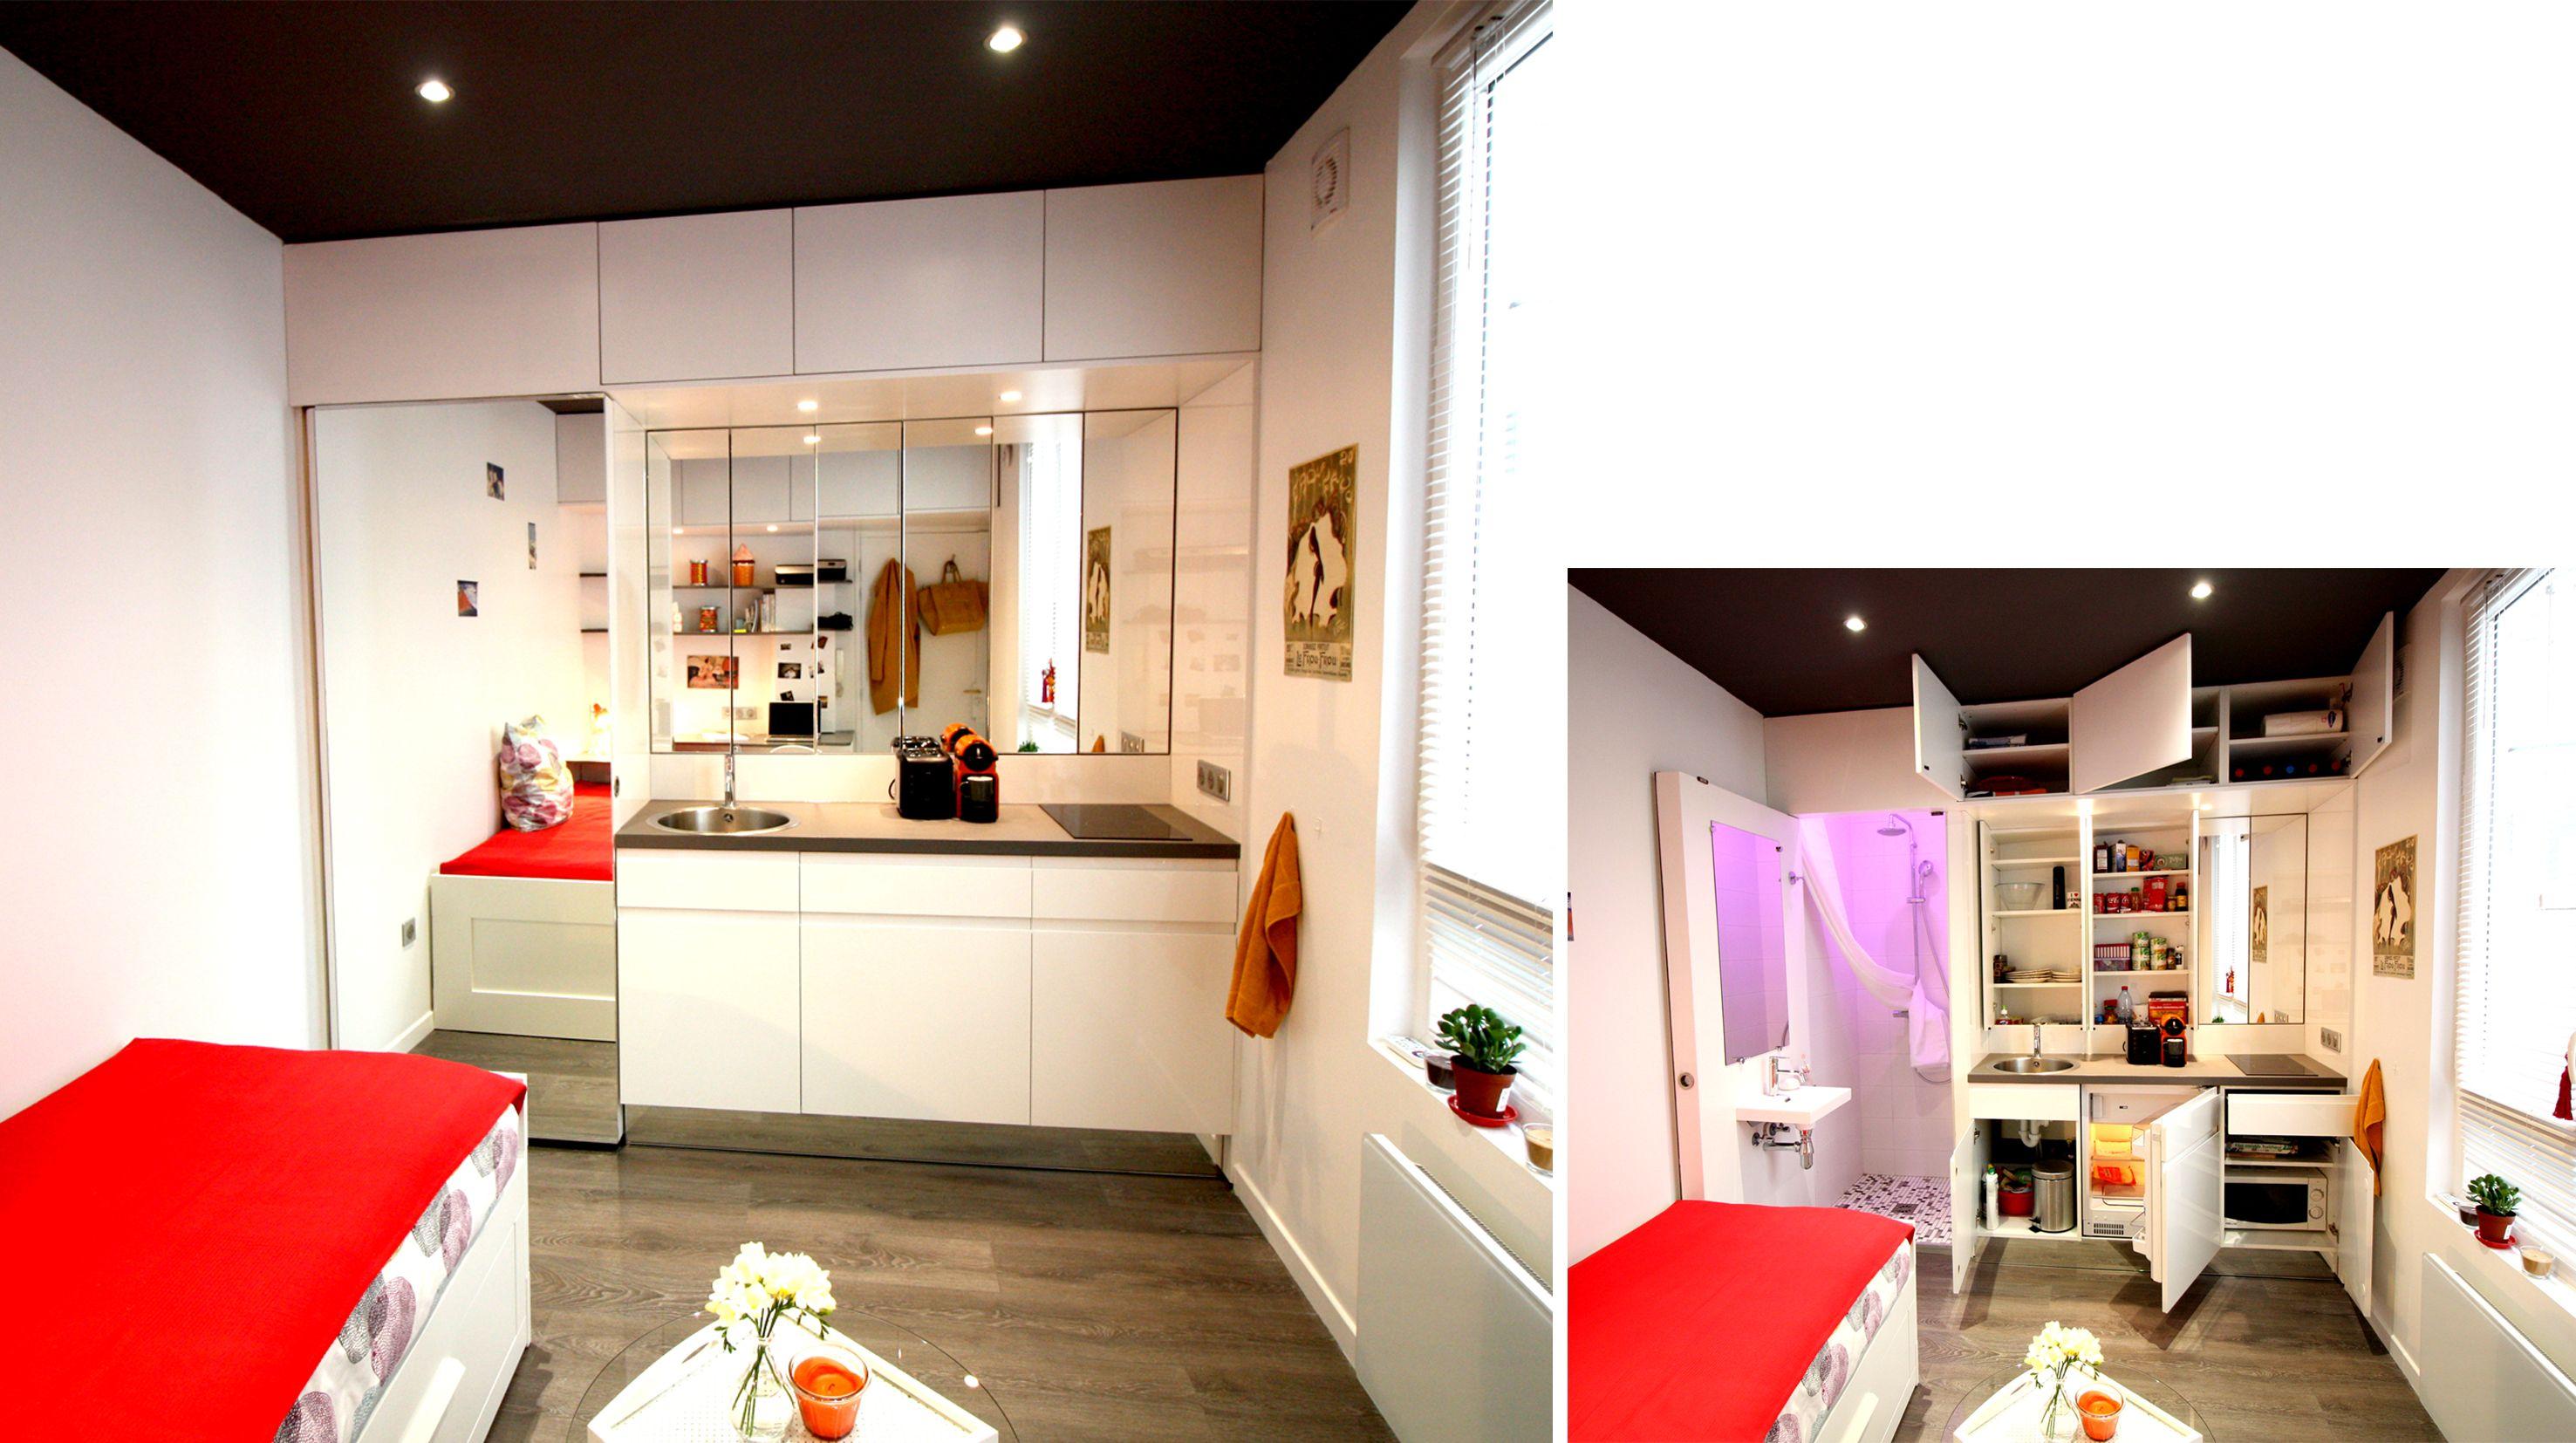 Architecte D Intérieur Lille studio 9m² ] | boddaert architecte d'interieur lille | small